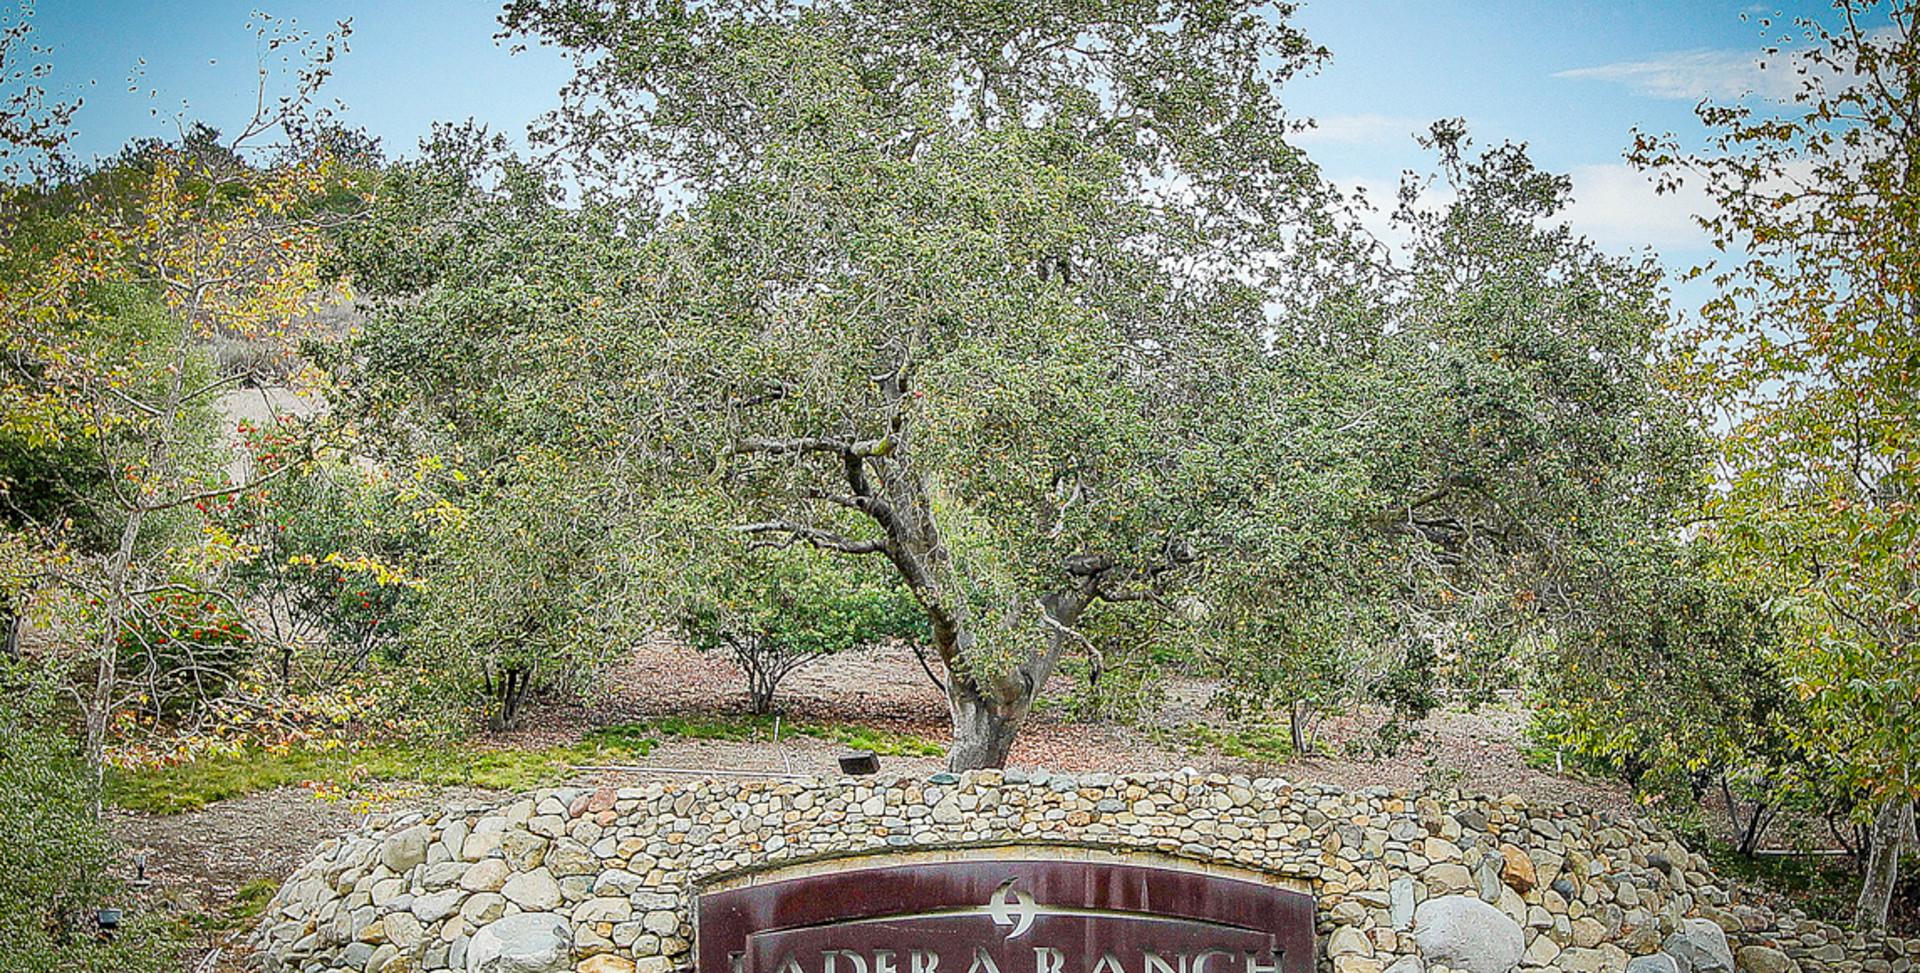 Ladera Ranch Sign.jpg